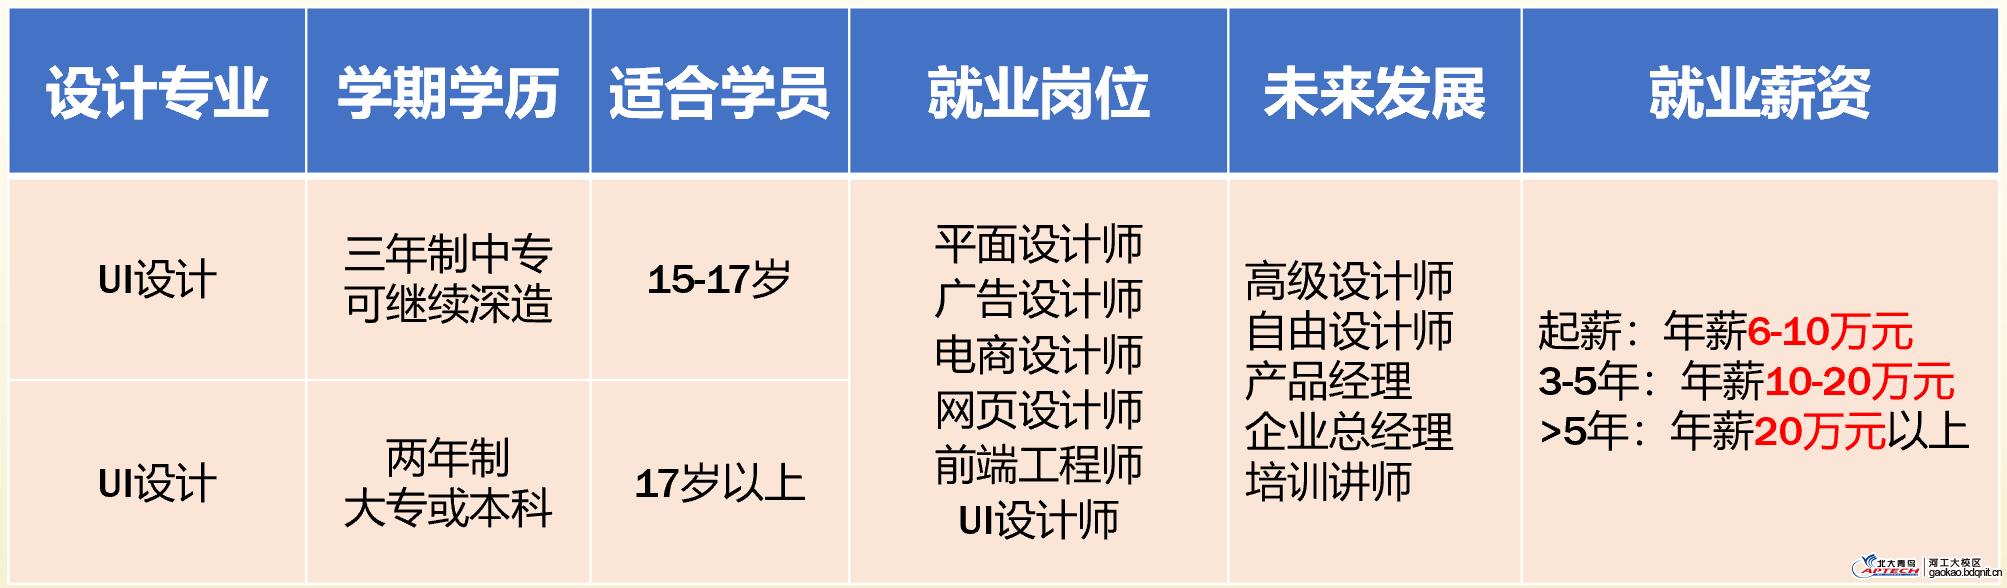 郑州北大青鸟职英IT学院招生专业与招生对象